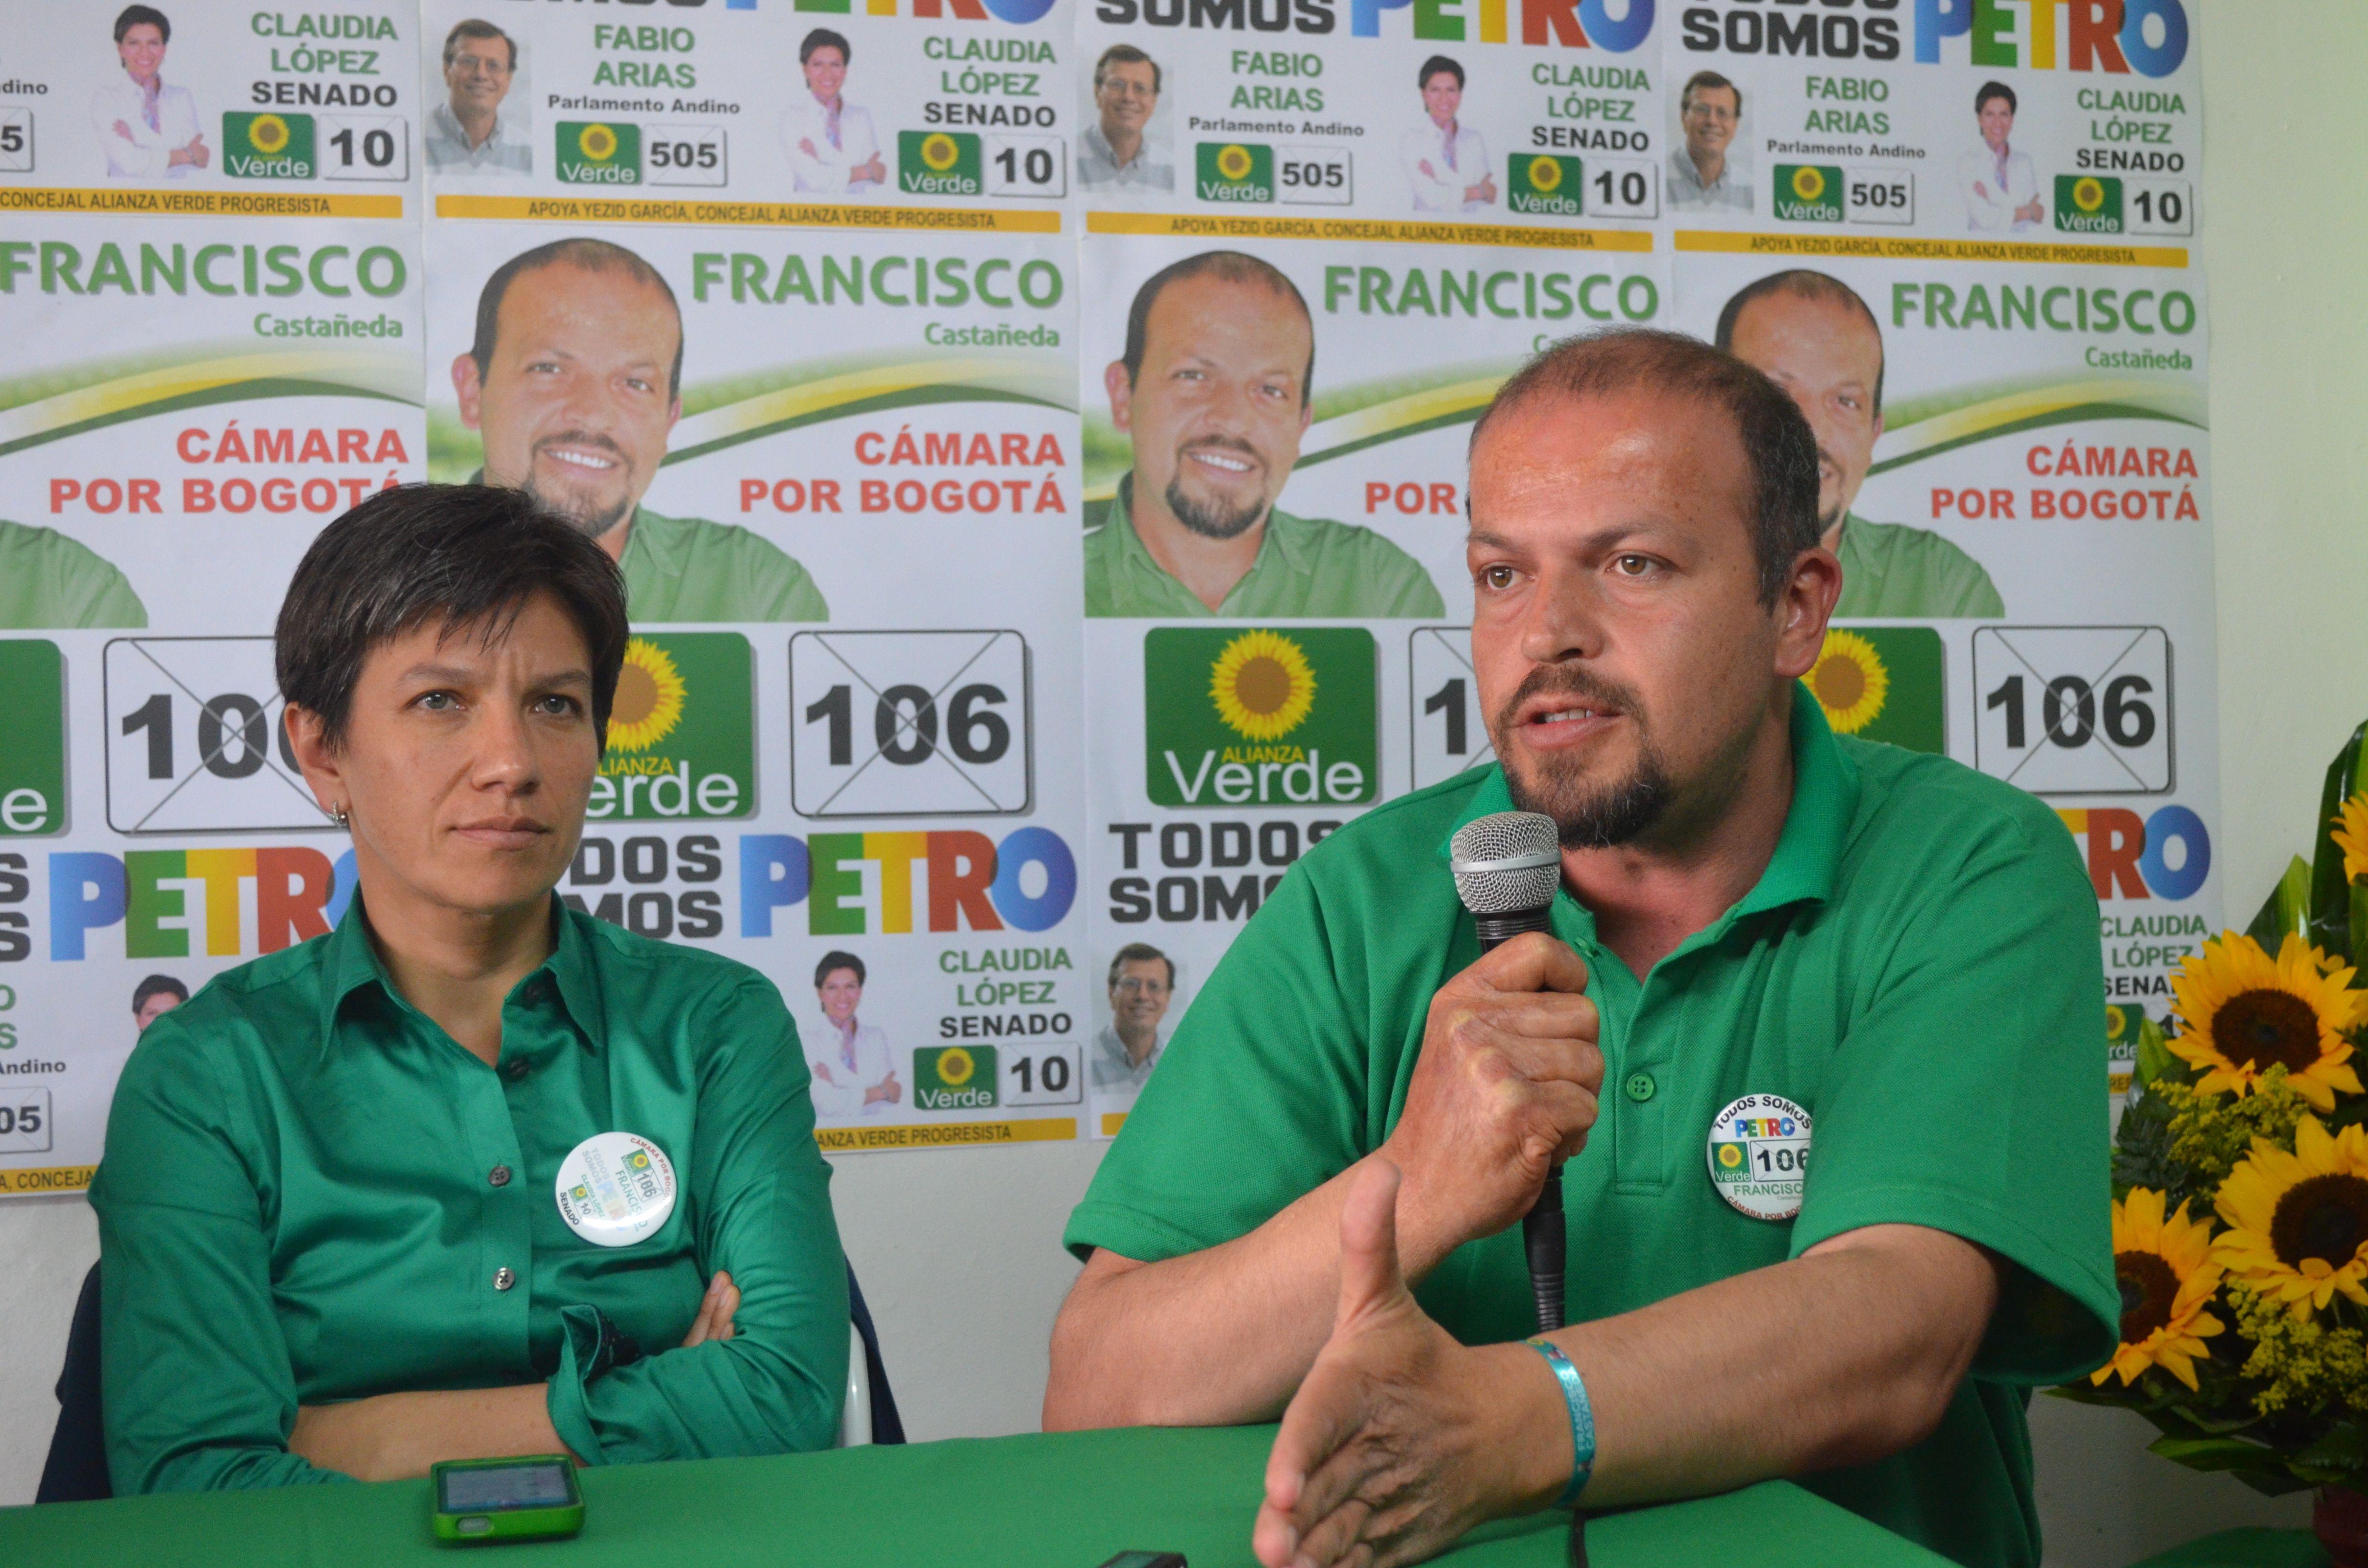 FranciscoCastañeda